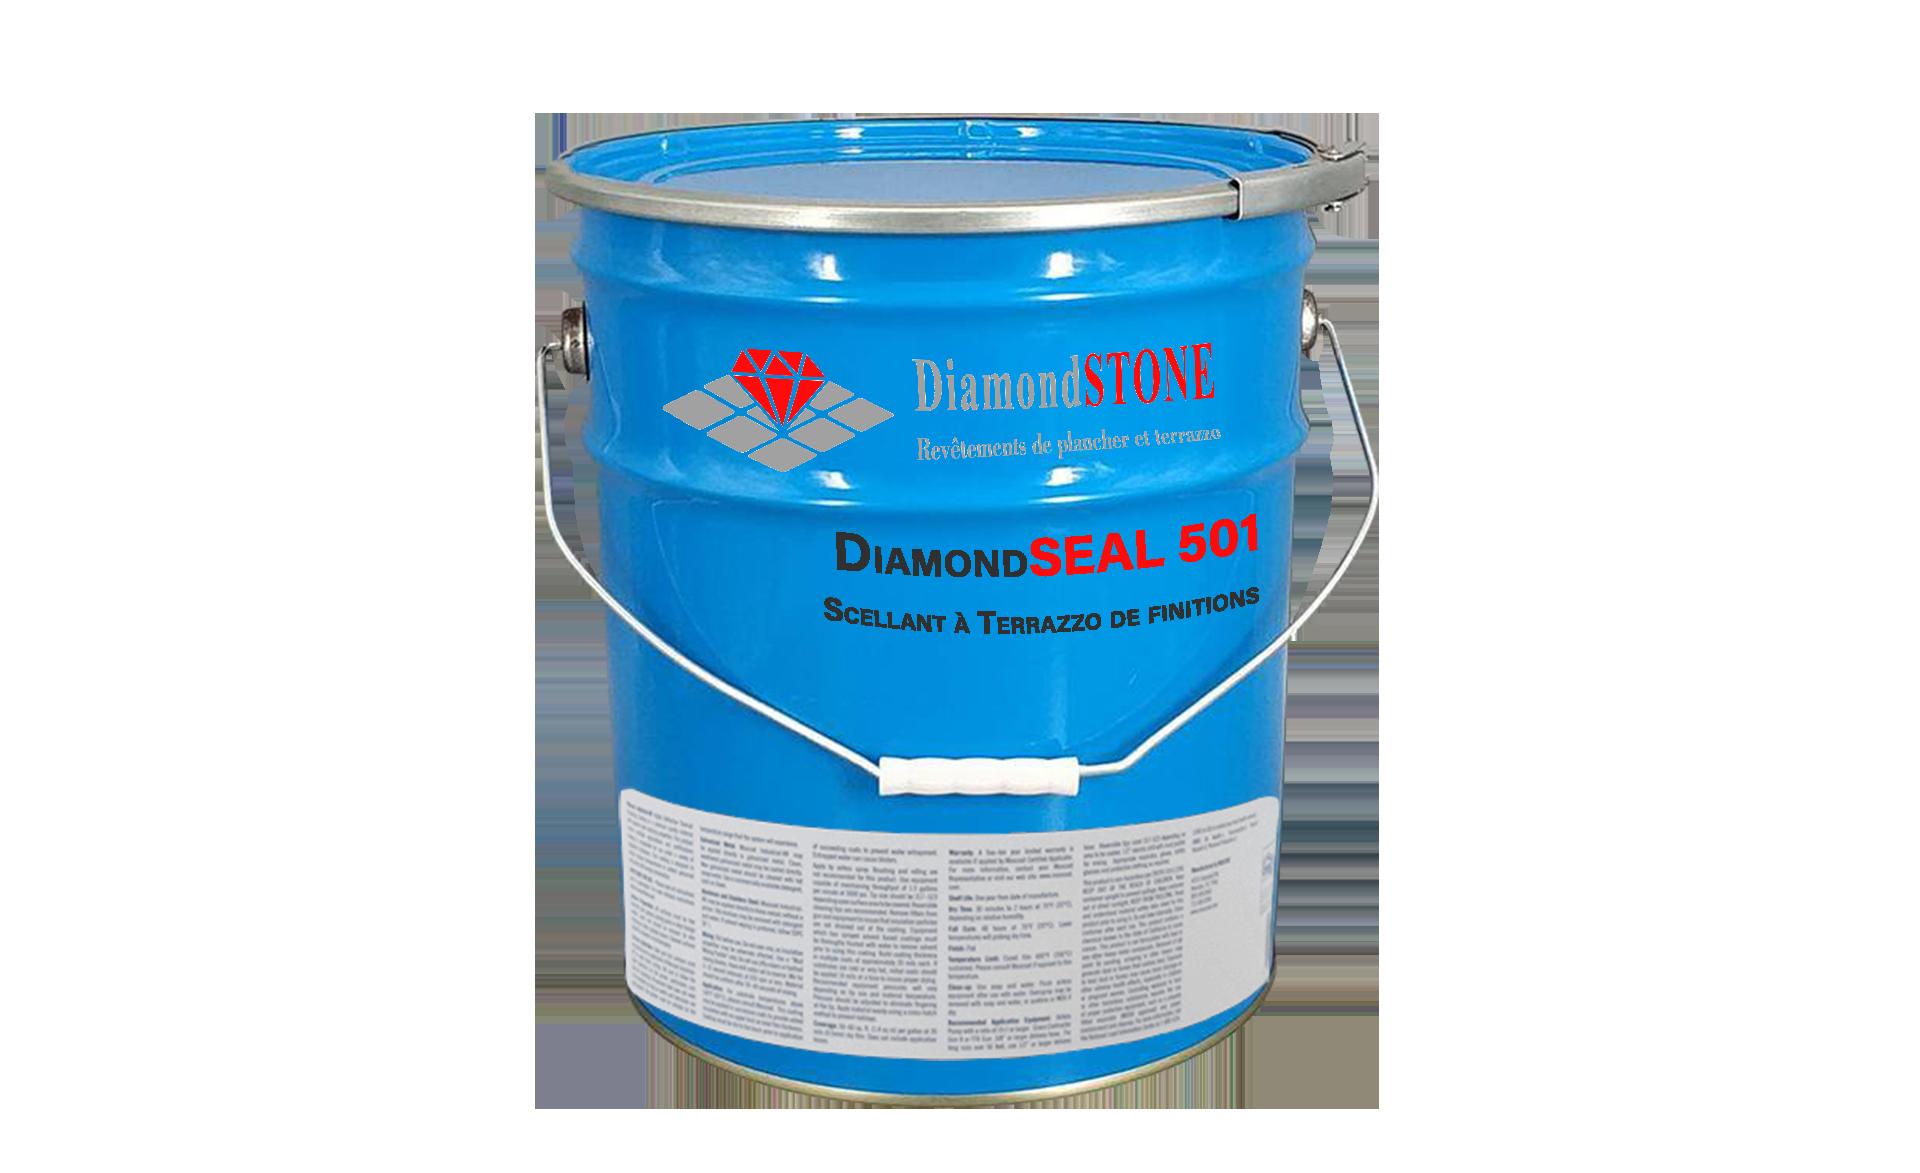 diamondseal501 copie